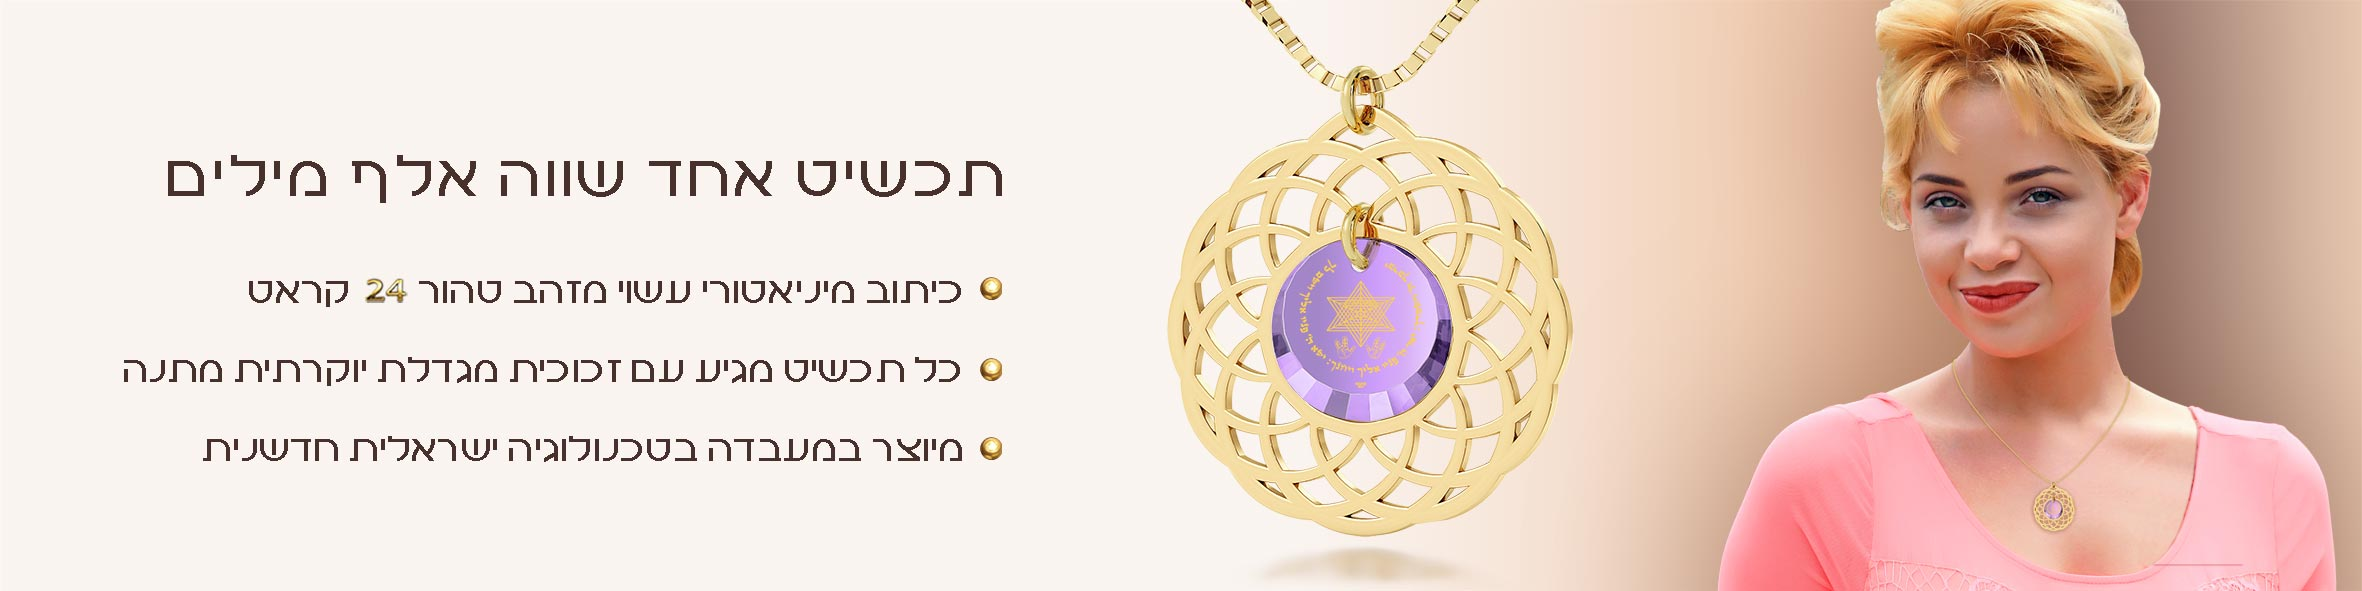 תכשיט עם ברכת הכהנים - יברכך ה' וישמרך - ננו תכשיטיםתכשיט עם ברכת הכהנים - יברכך ה' וישמרך - ננו תכשיטים